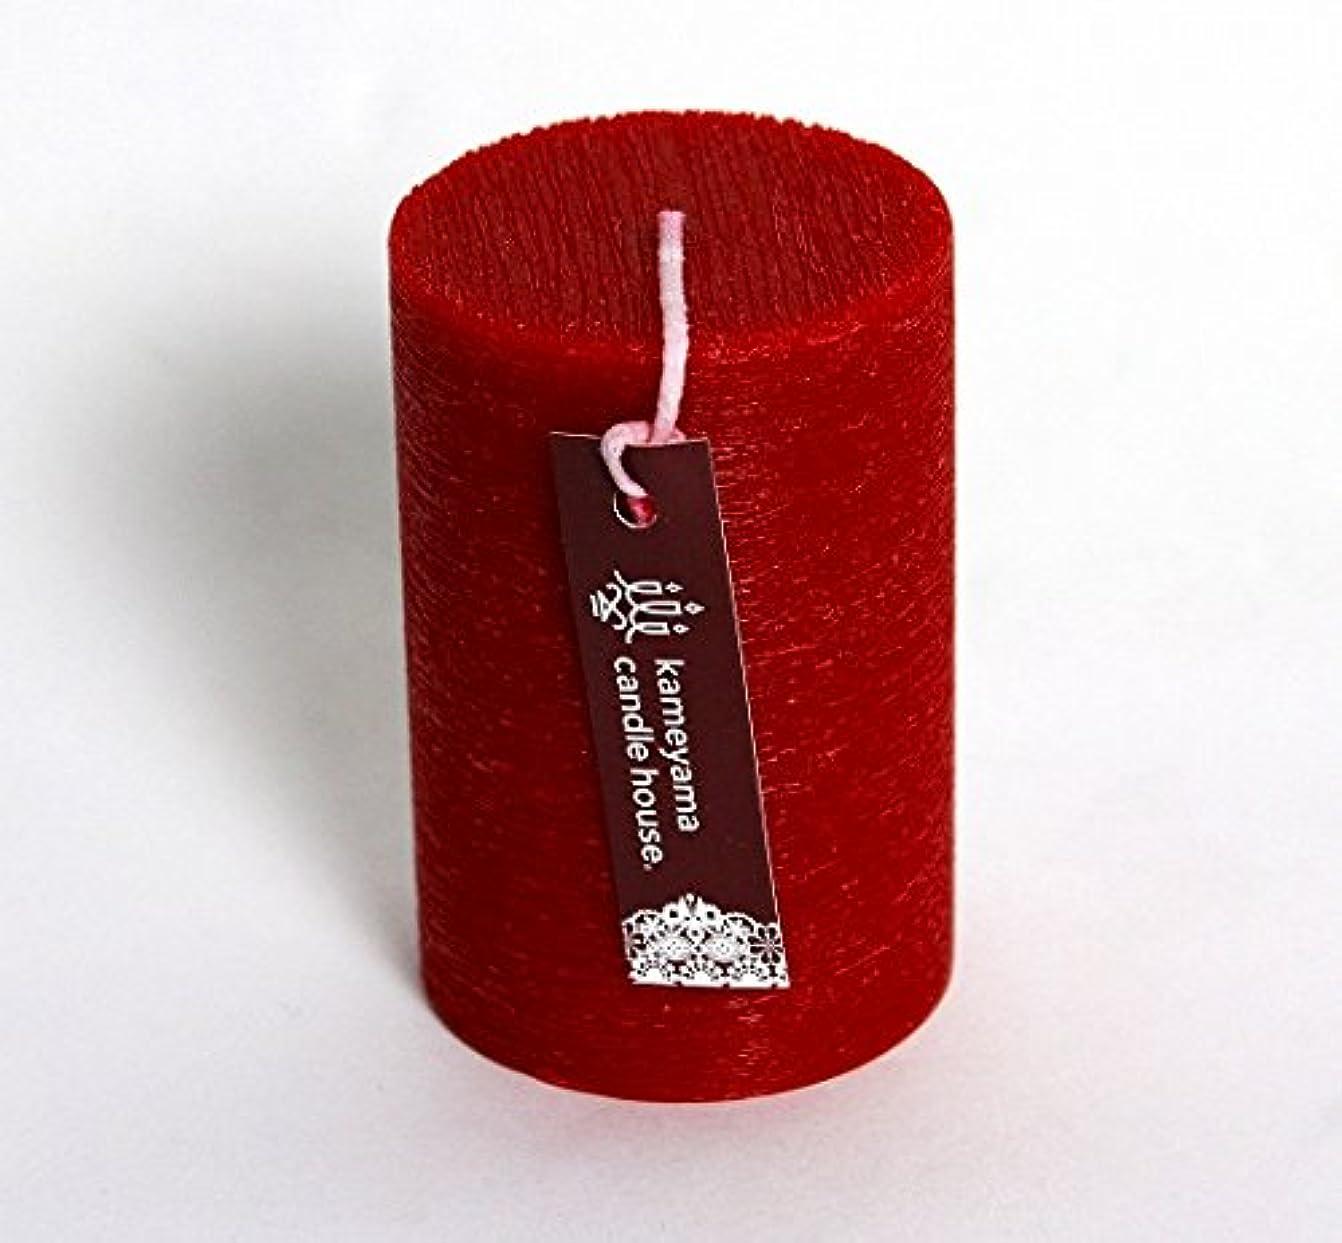 暴力電話する透けて見えるカメヤマキャンドル(kameyama candle) ブラッシュピラー2×3 「 レッド 」